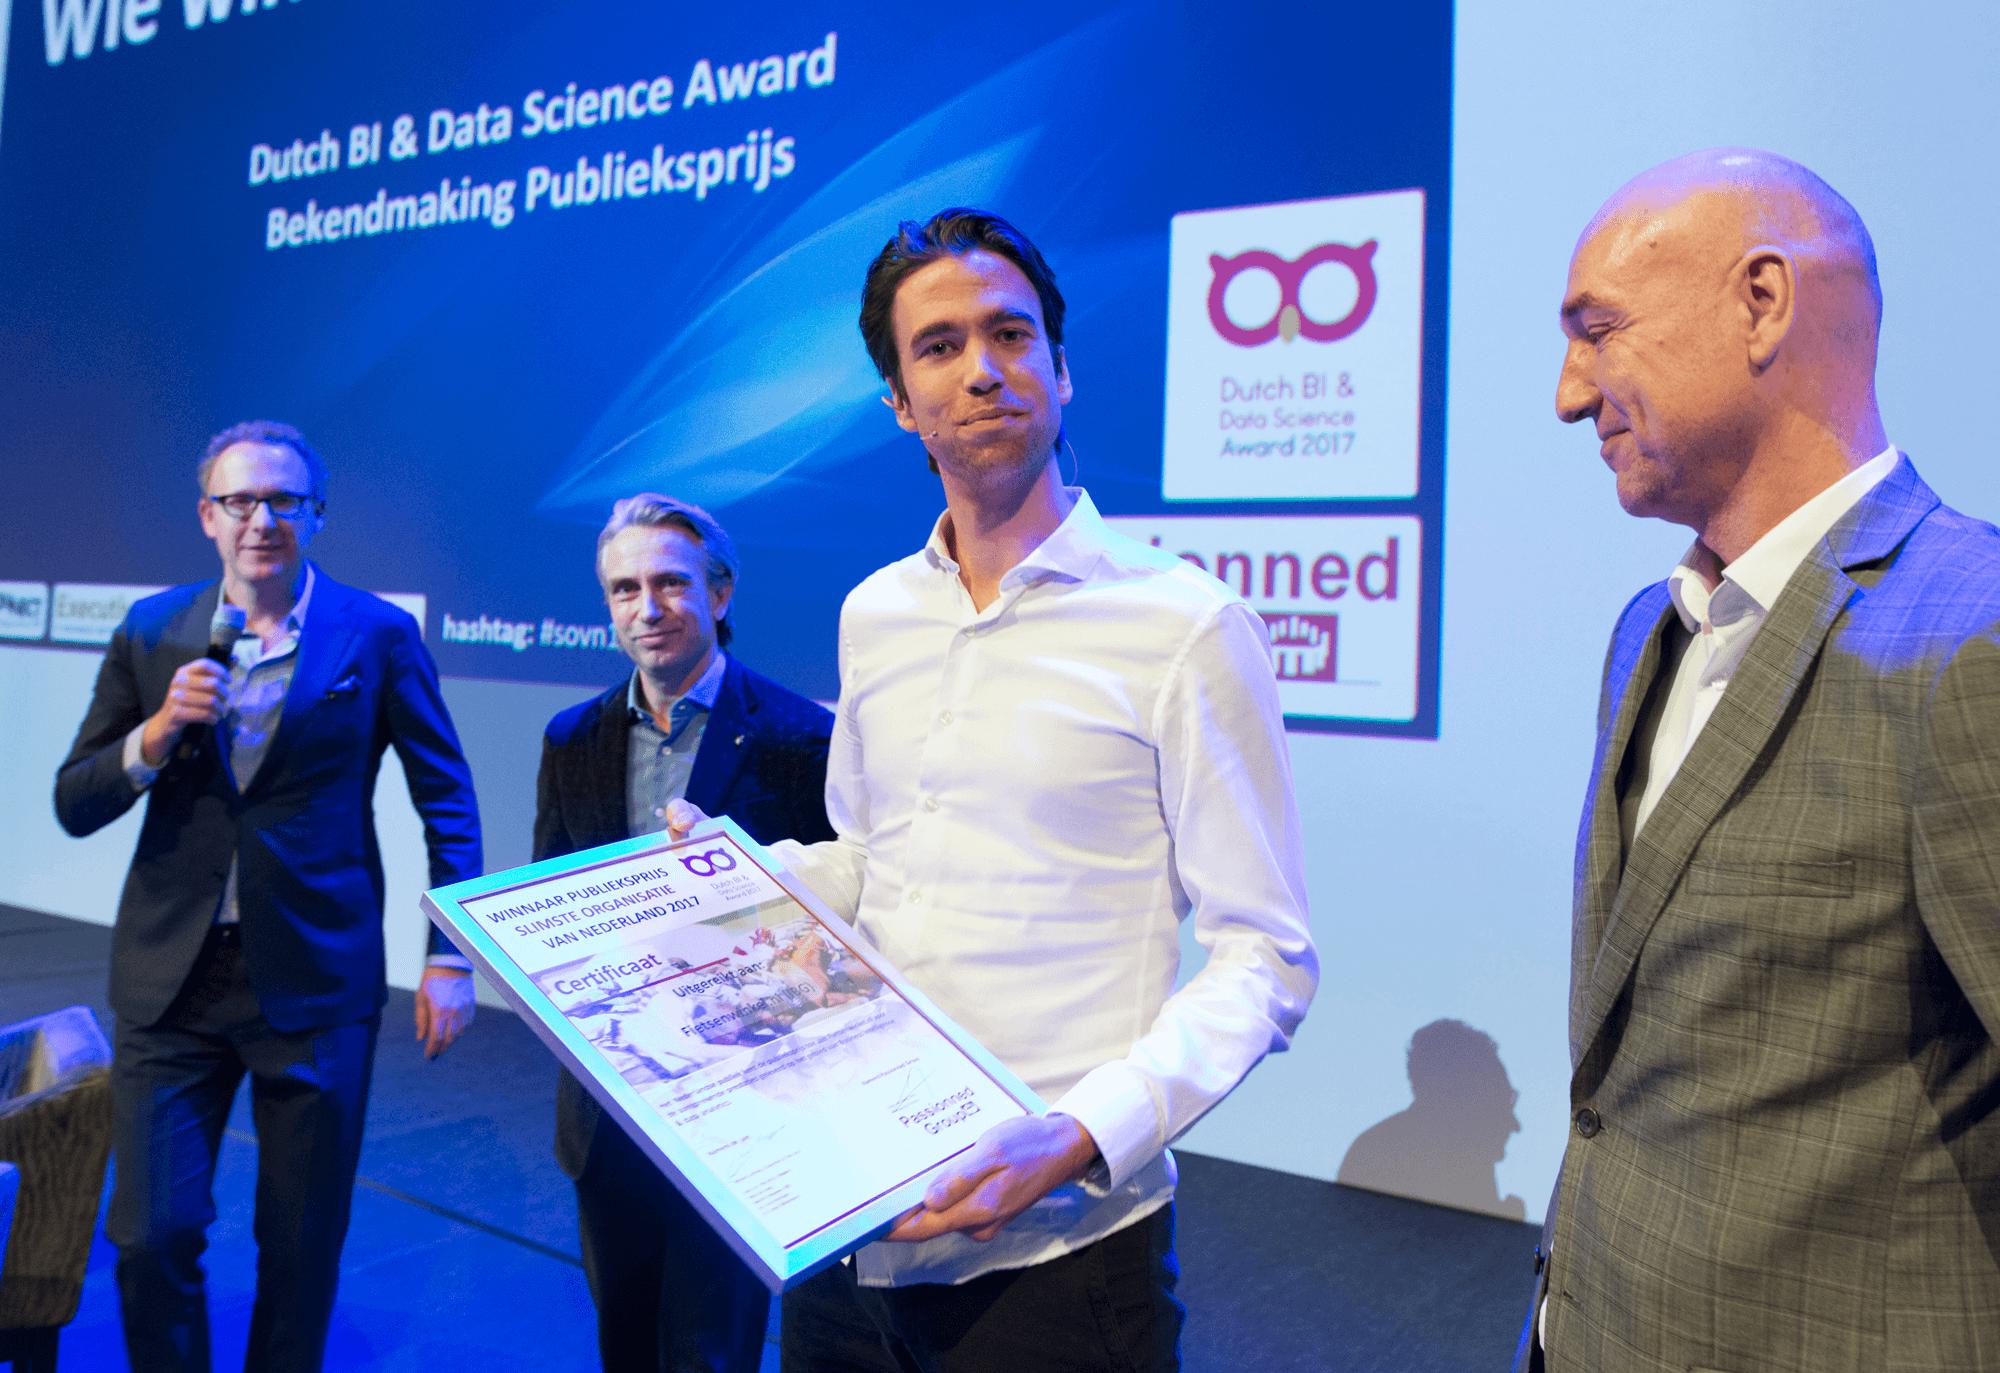 De winnaars en genomineerden van de Dutch BI & Data Science Award